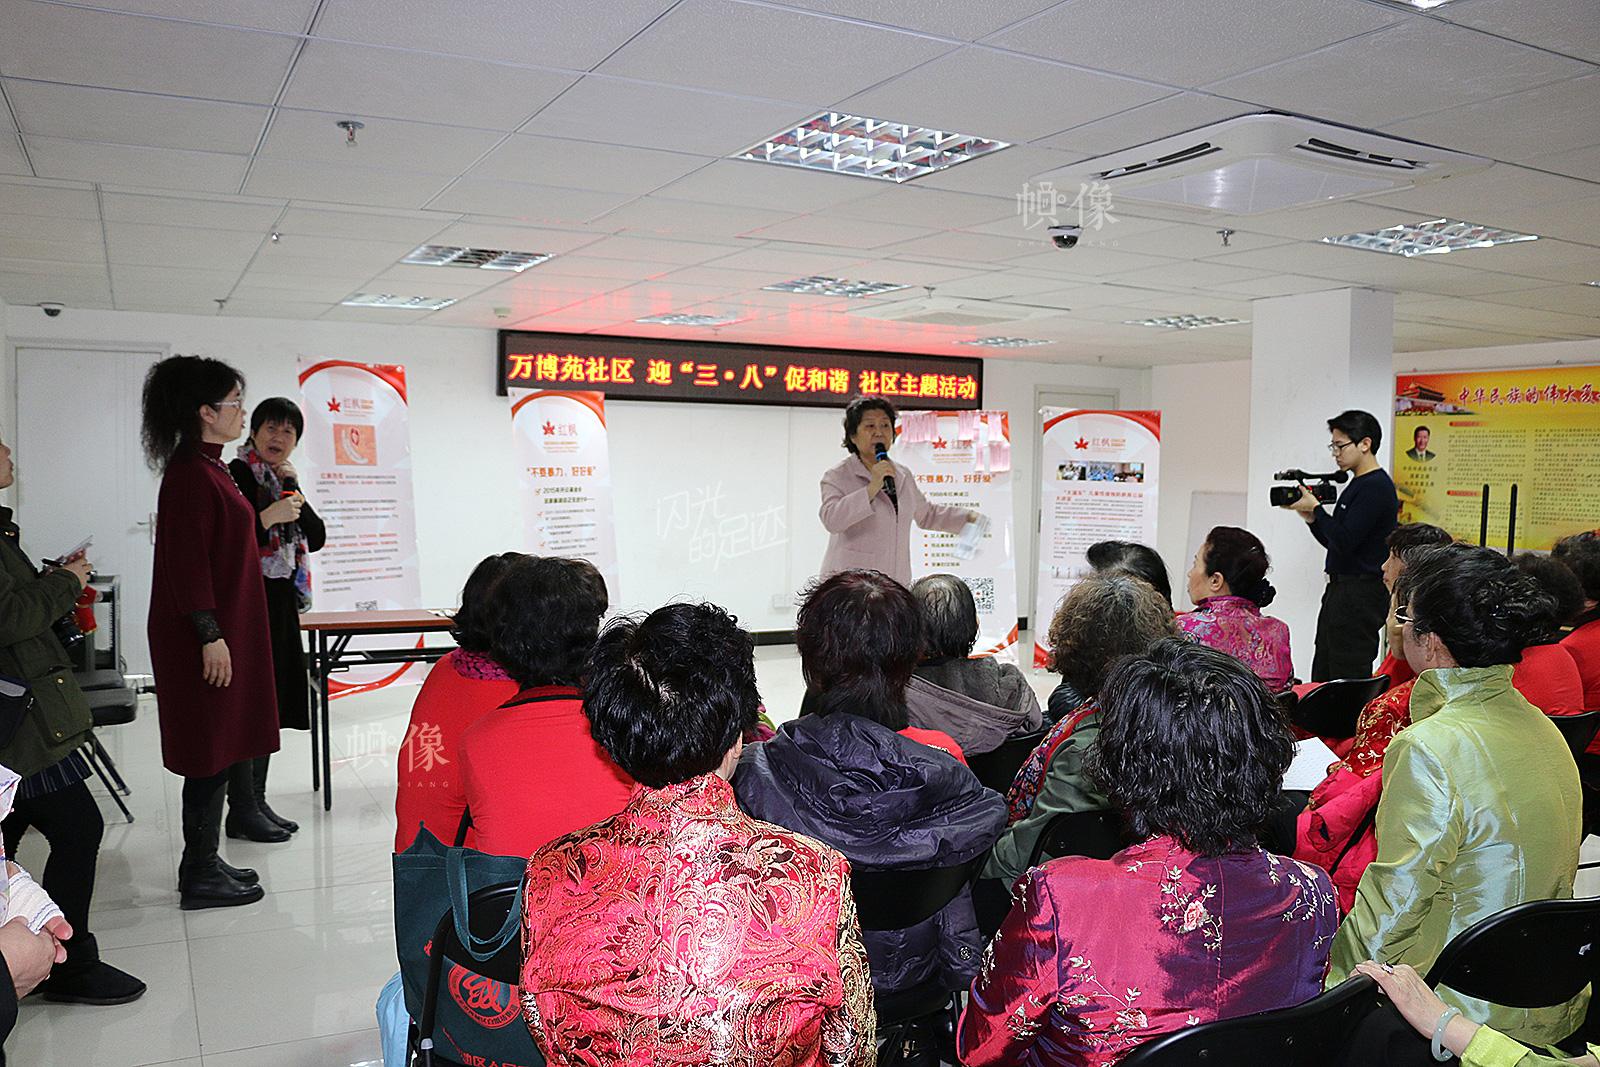 侯志明老师在讲解《反家庭暴力法》。(红枫中心供图)